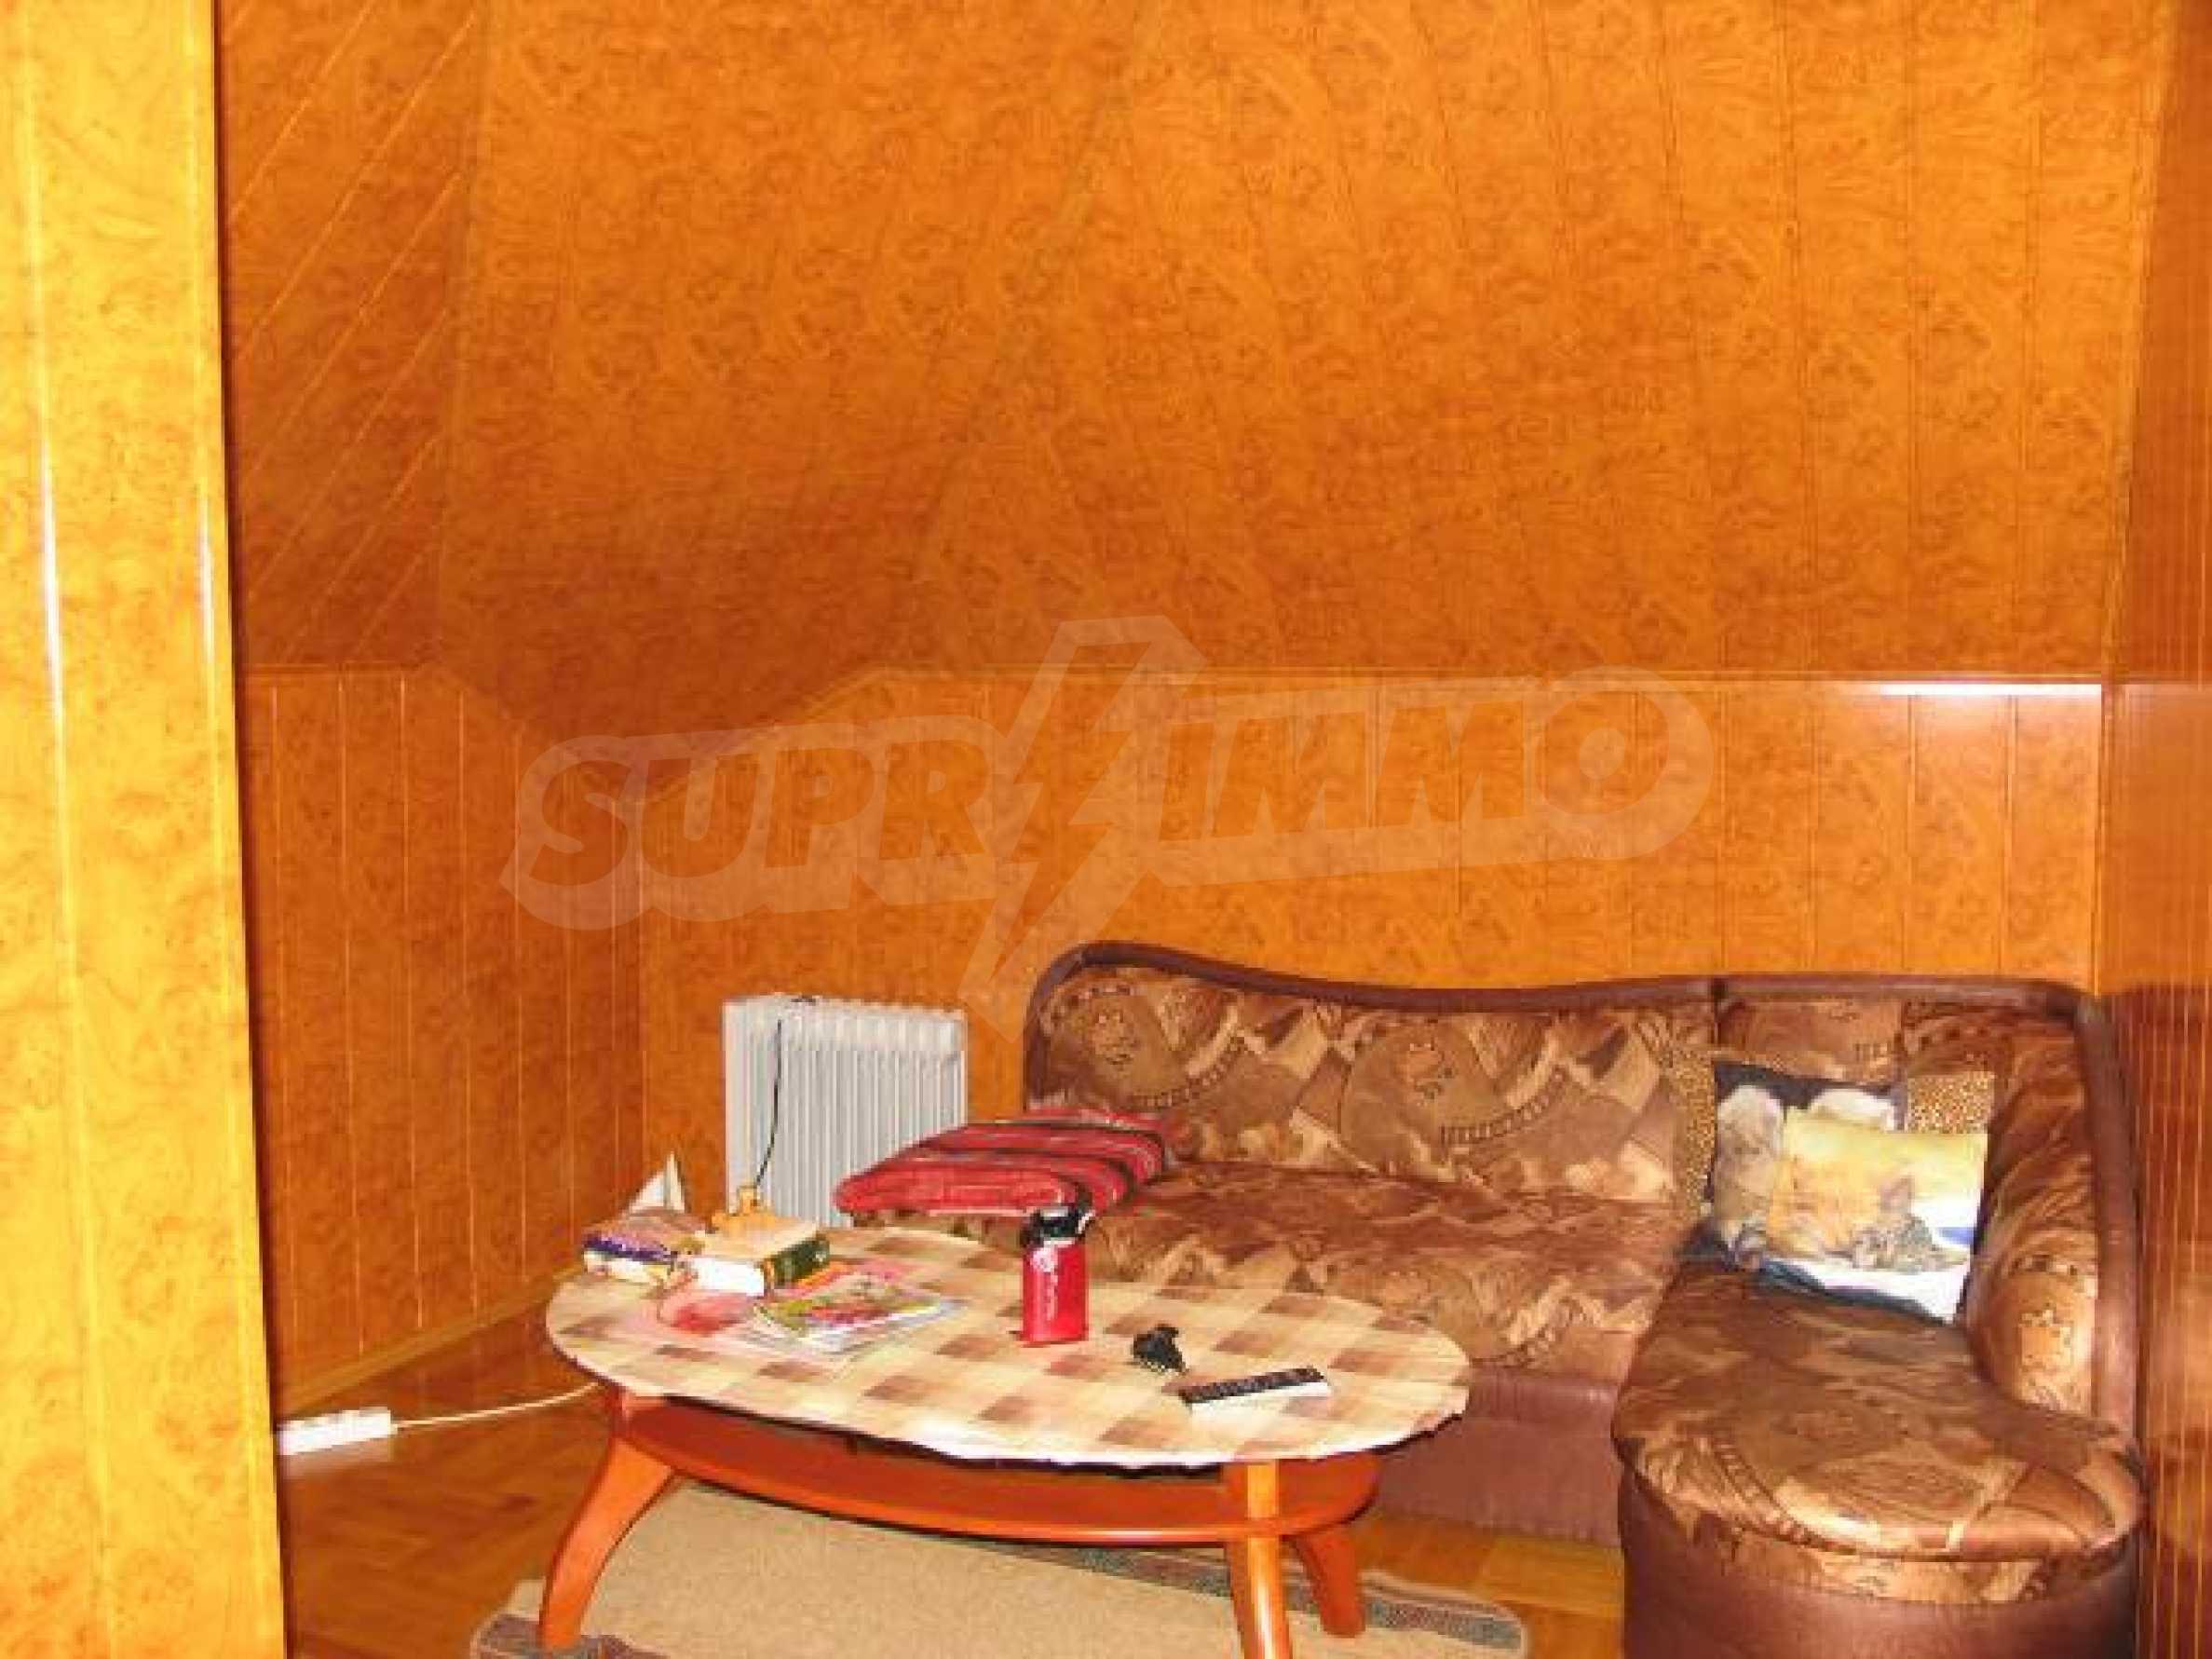 Тристаен апартамент в идеалния център на гр. Добрич 13